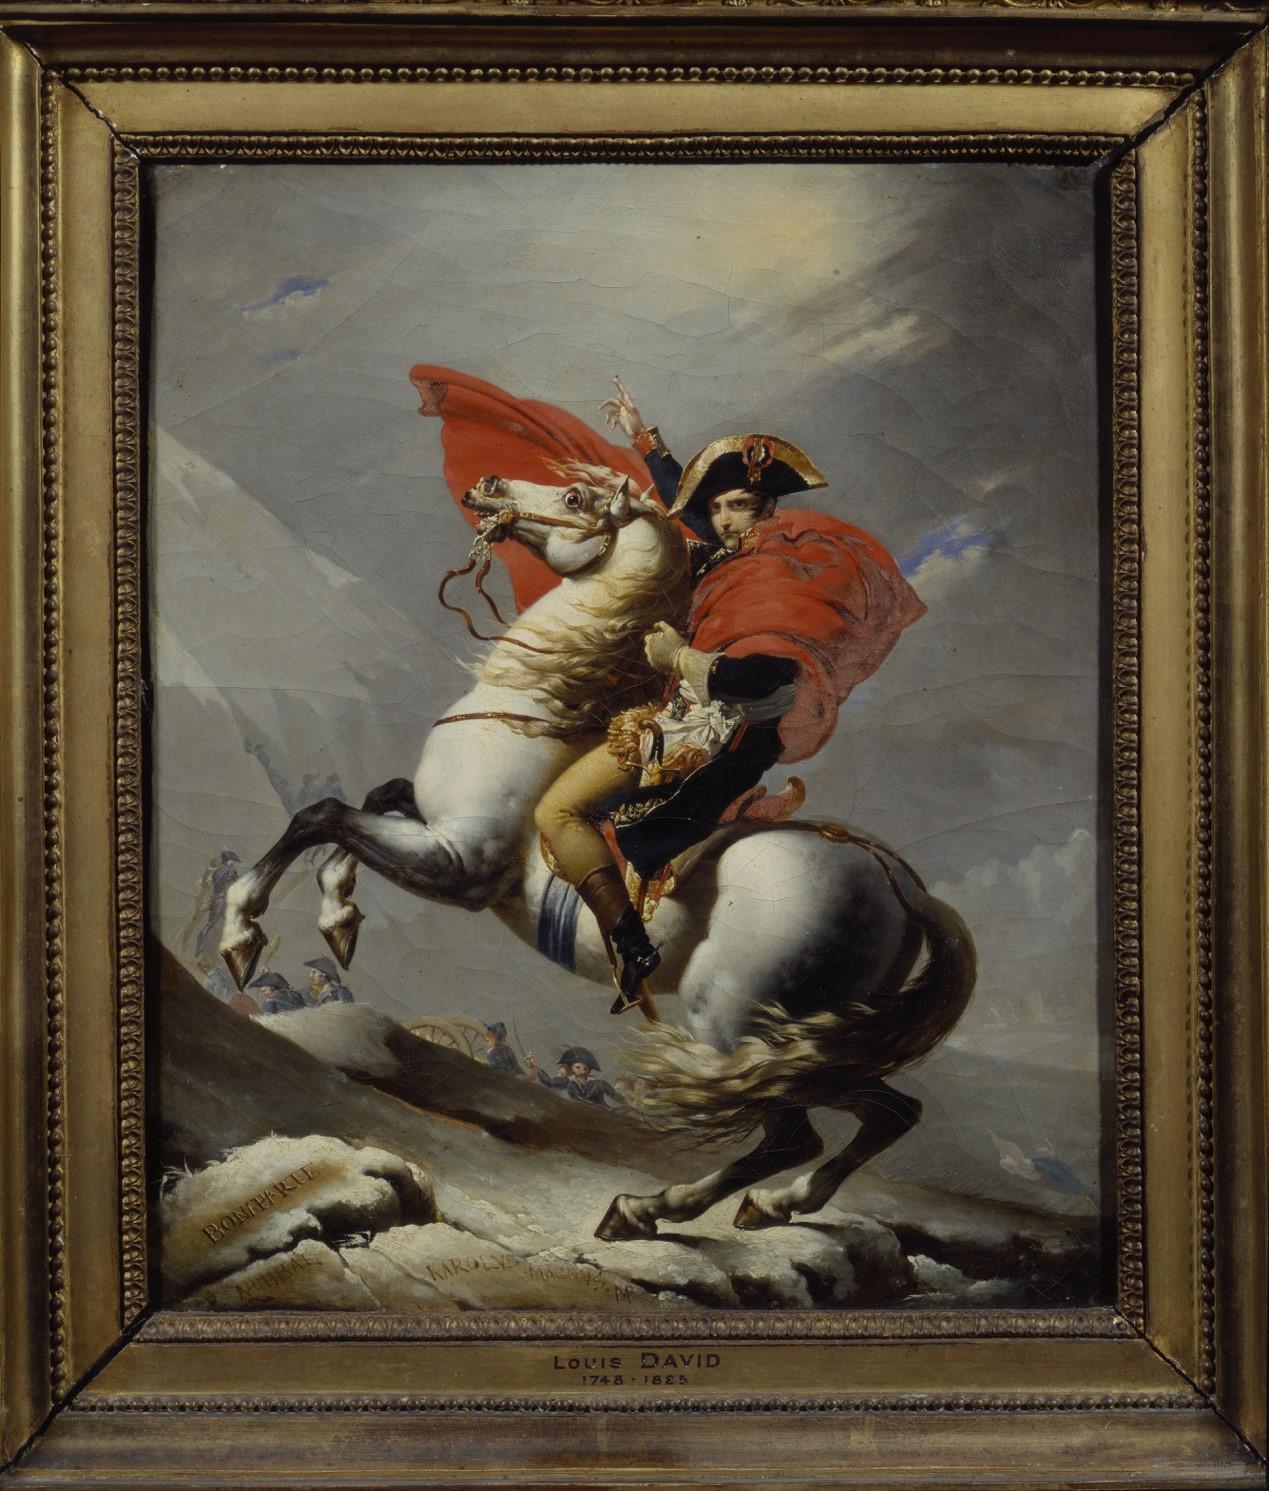 拿破仑·波拿巴从大圣伯纳山口穿越阿尔卑斯山  让-巴普蒂斯特·莫扎伊斯 (1784-1844) 与雅克-路易·大卫 (1748-1825)   布面油画 50.8 × 45.72 cm 1807 图片:黄盒子美术馆